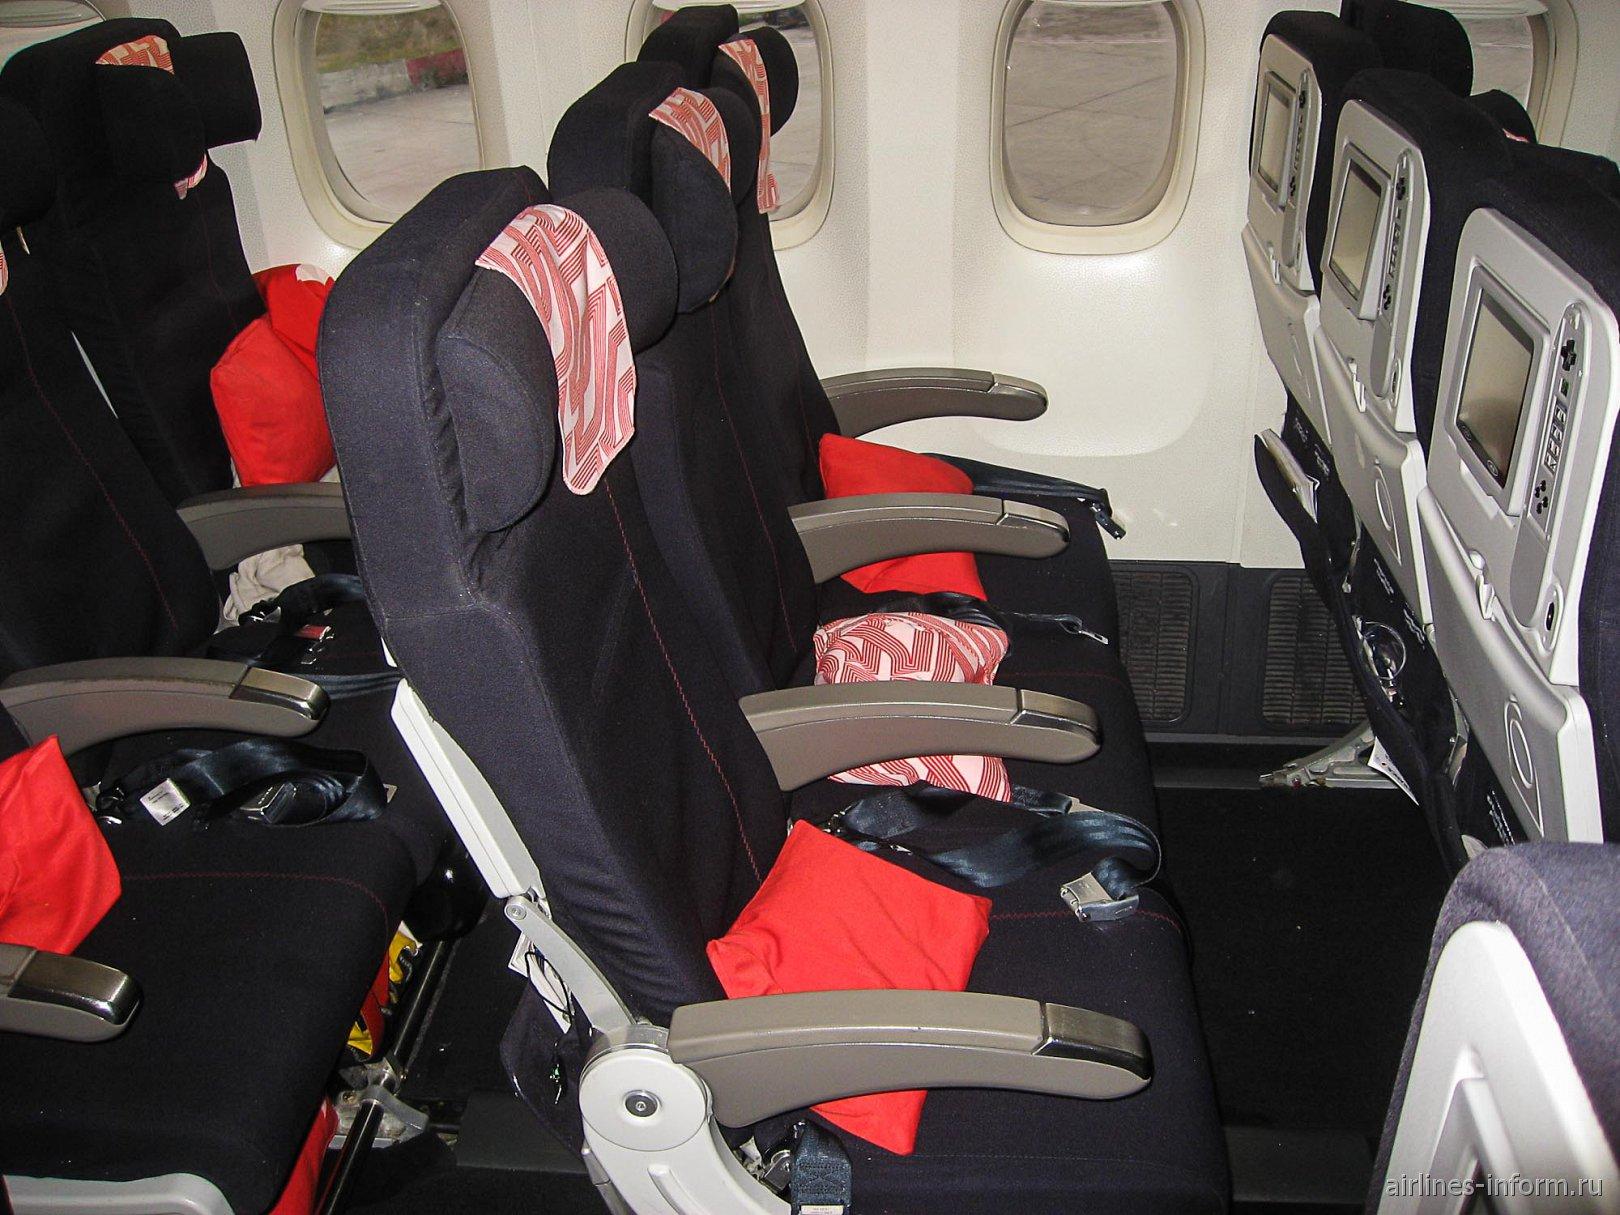 Пассажирские кресла эконом-класса в Боинге-777-200 авиакомпании Air France